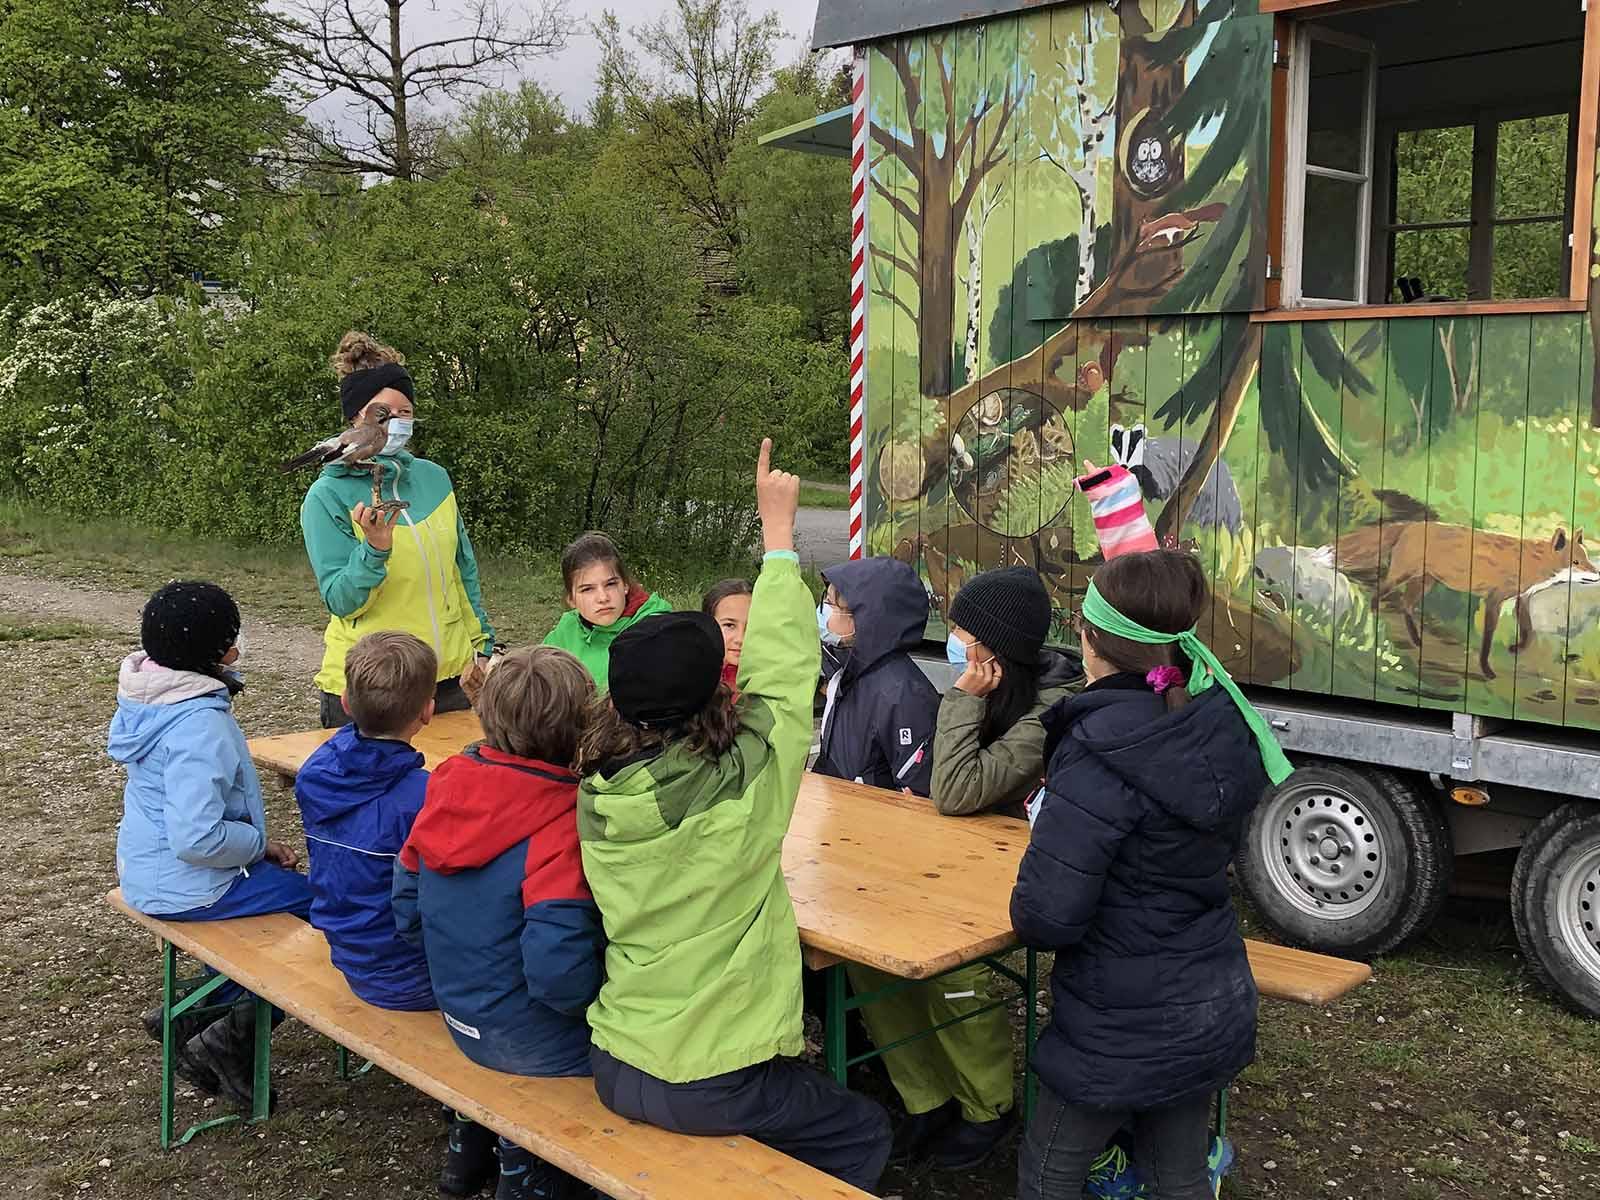 Naturdetektiv*innen bei der Arbeit: gemeinsam mit Nadia vom Verein Grünwerk wird die Vogelwelt erforscht.